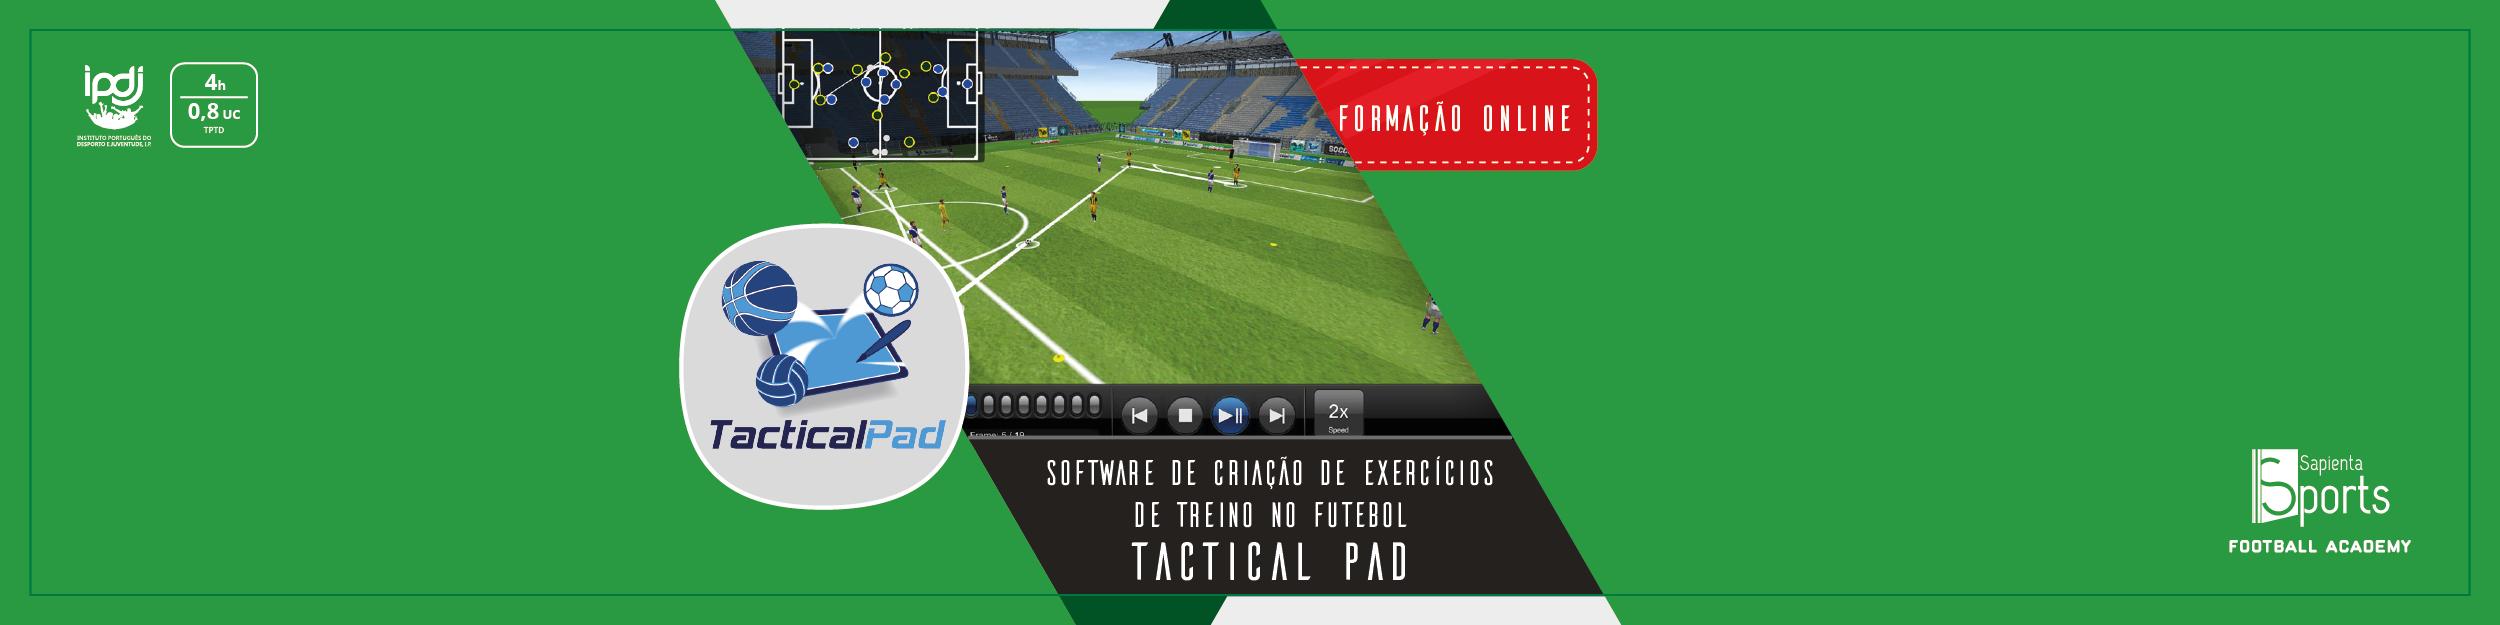 Software de Criação de Exercícios de Treino no Futebol – TACTICAL PAD